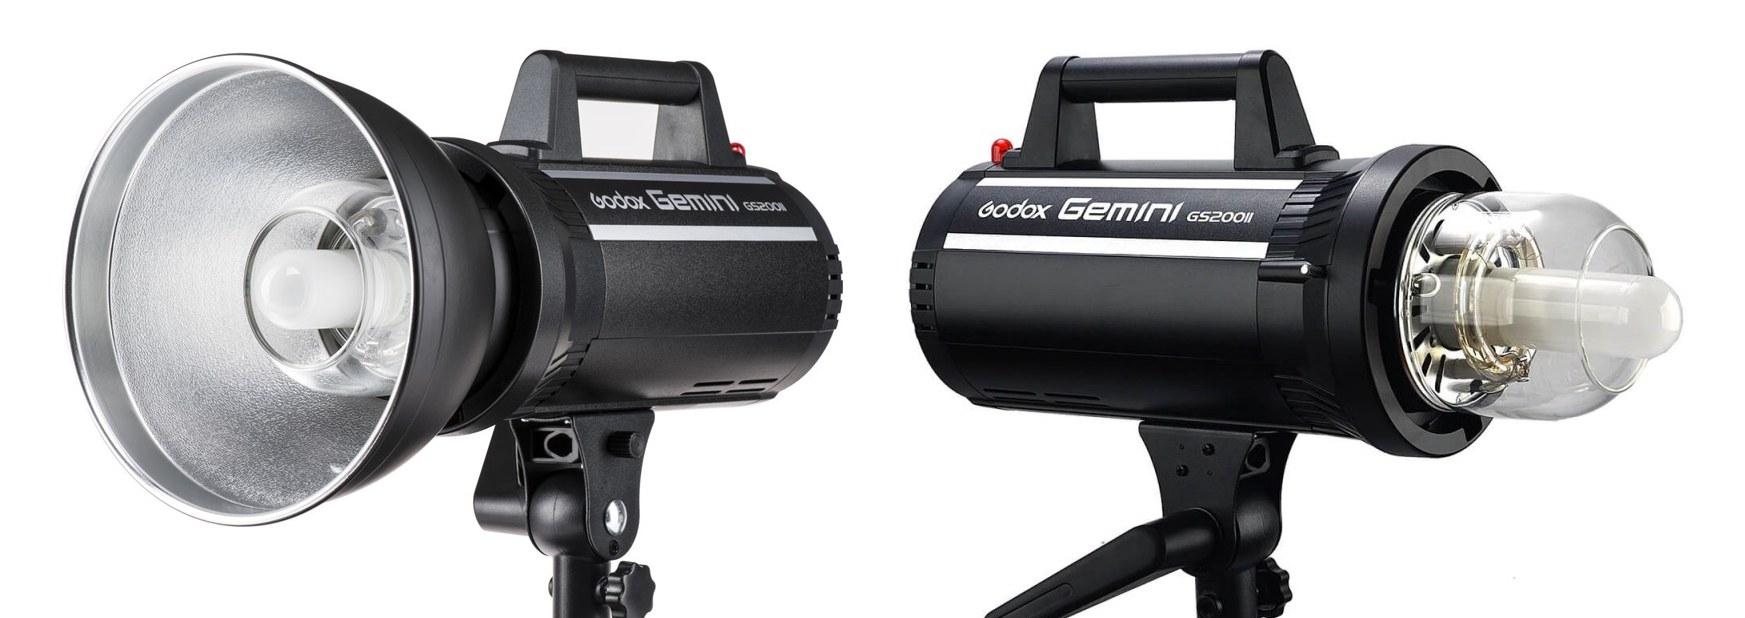 Godox Gemini GS200II